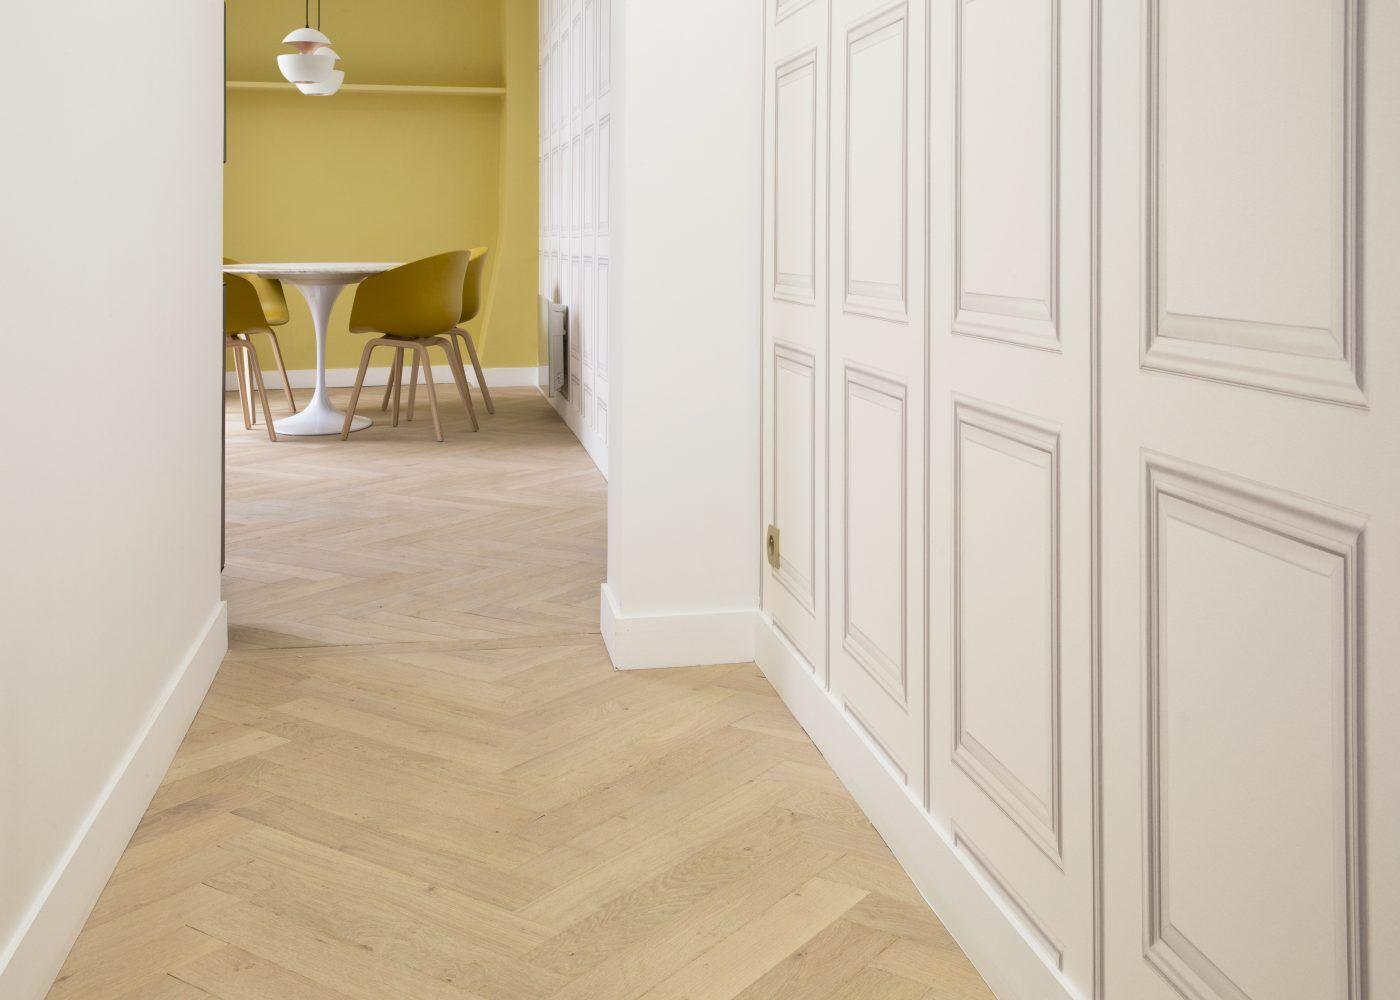 parquet terrasses et accessoires la parqueterie nouvelle parquet b ton rompu pinterest. Black Bedroom Furniture Sets. Home Design Ideas